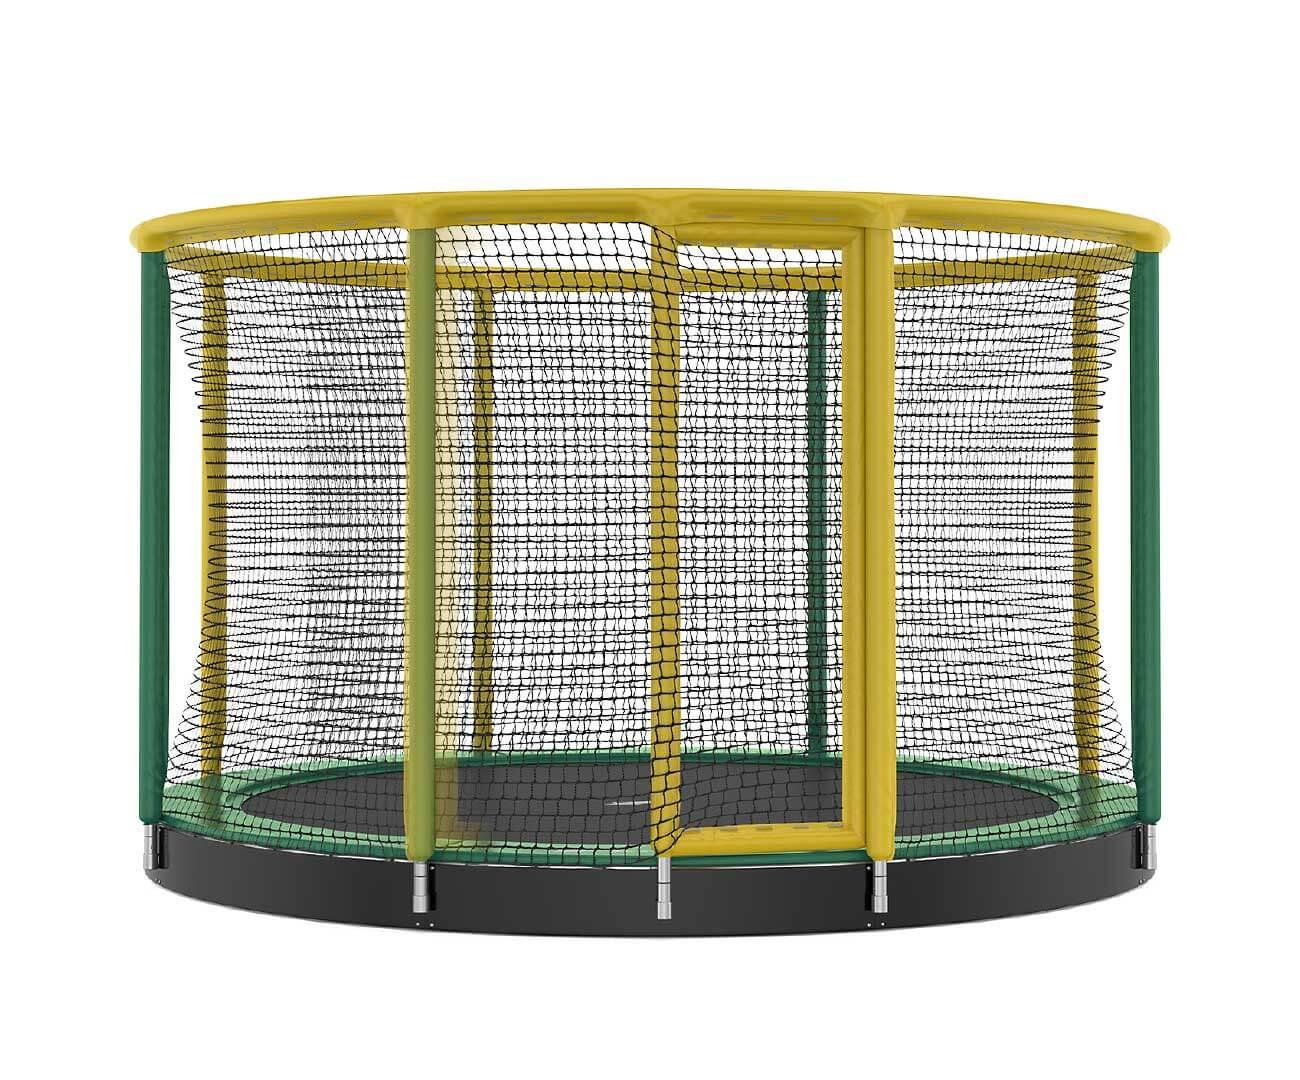 Akrobat Gallus Inground 12 Green-yellow enclosure / Green safety pad /Black jumping mat